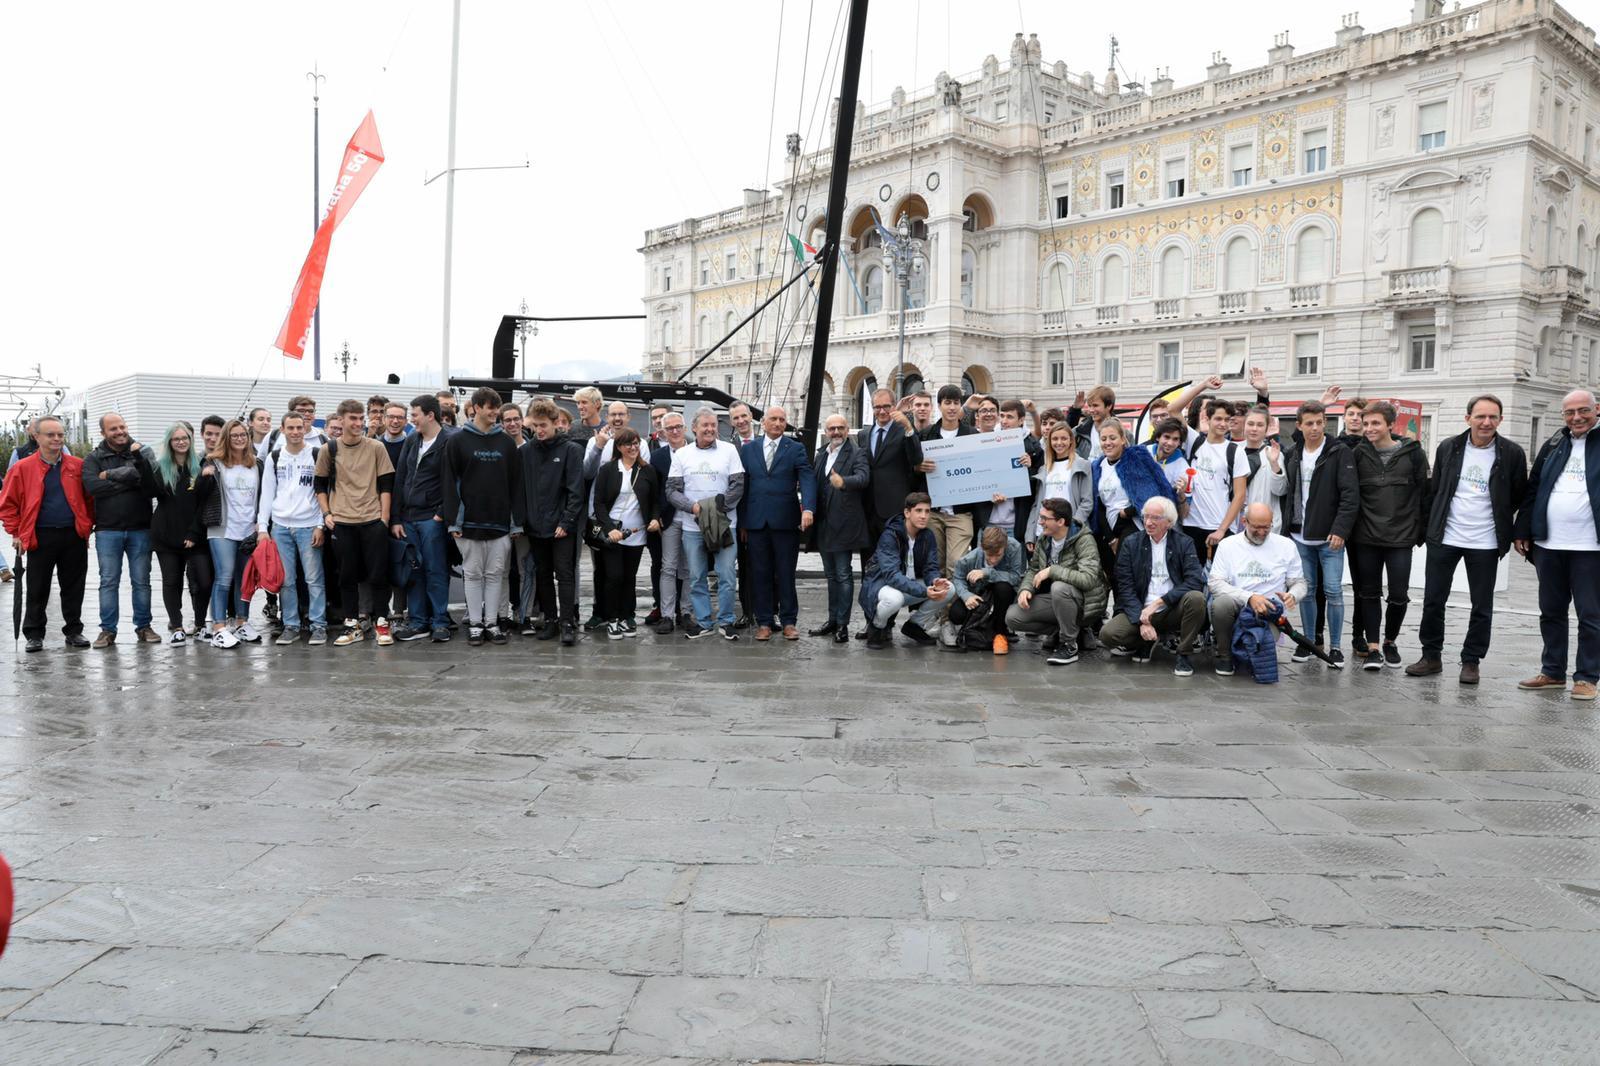 Sustainable City - 100 studenti di 3 istituti differenti per una Trieste resiliente dal punto di vista ambientale. Scopri il concorso e il progetto vincitore.